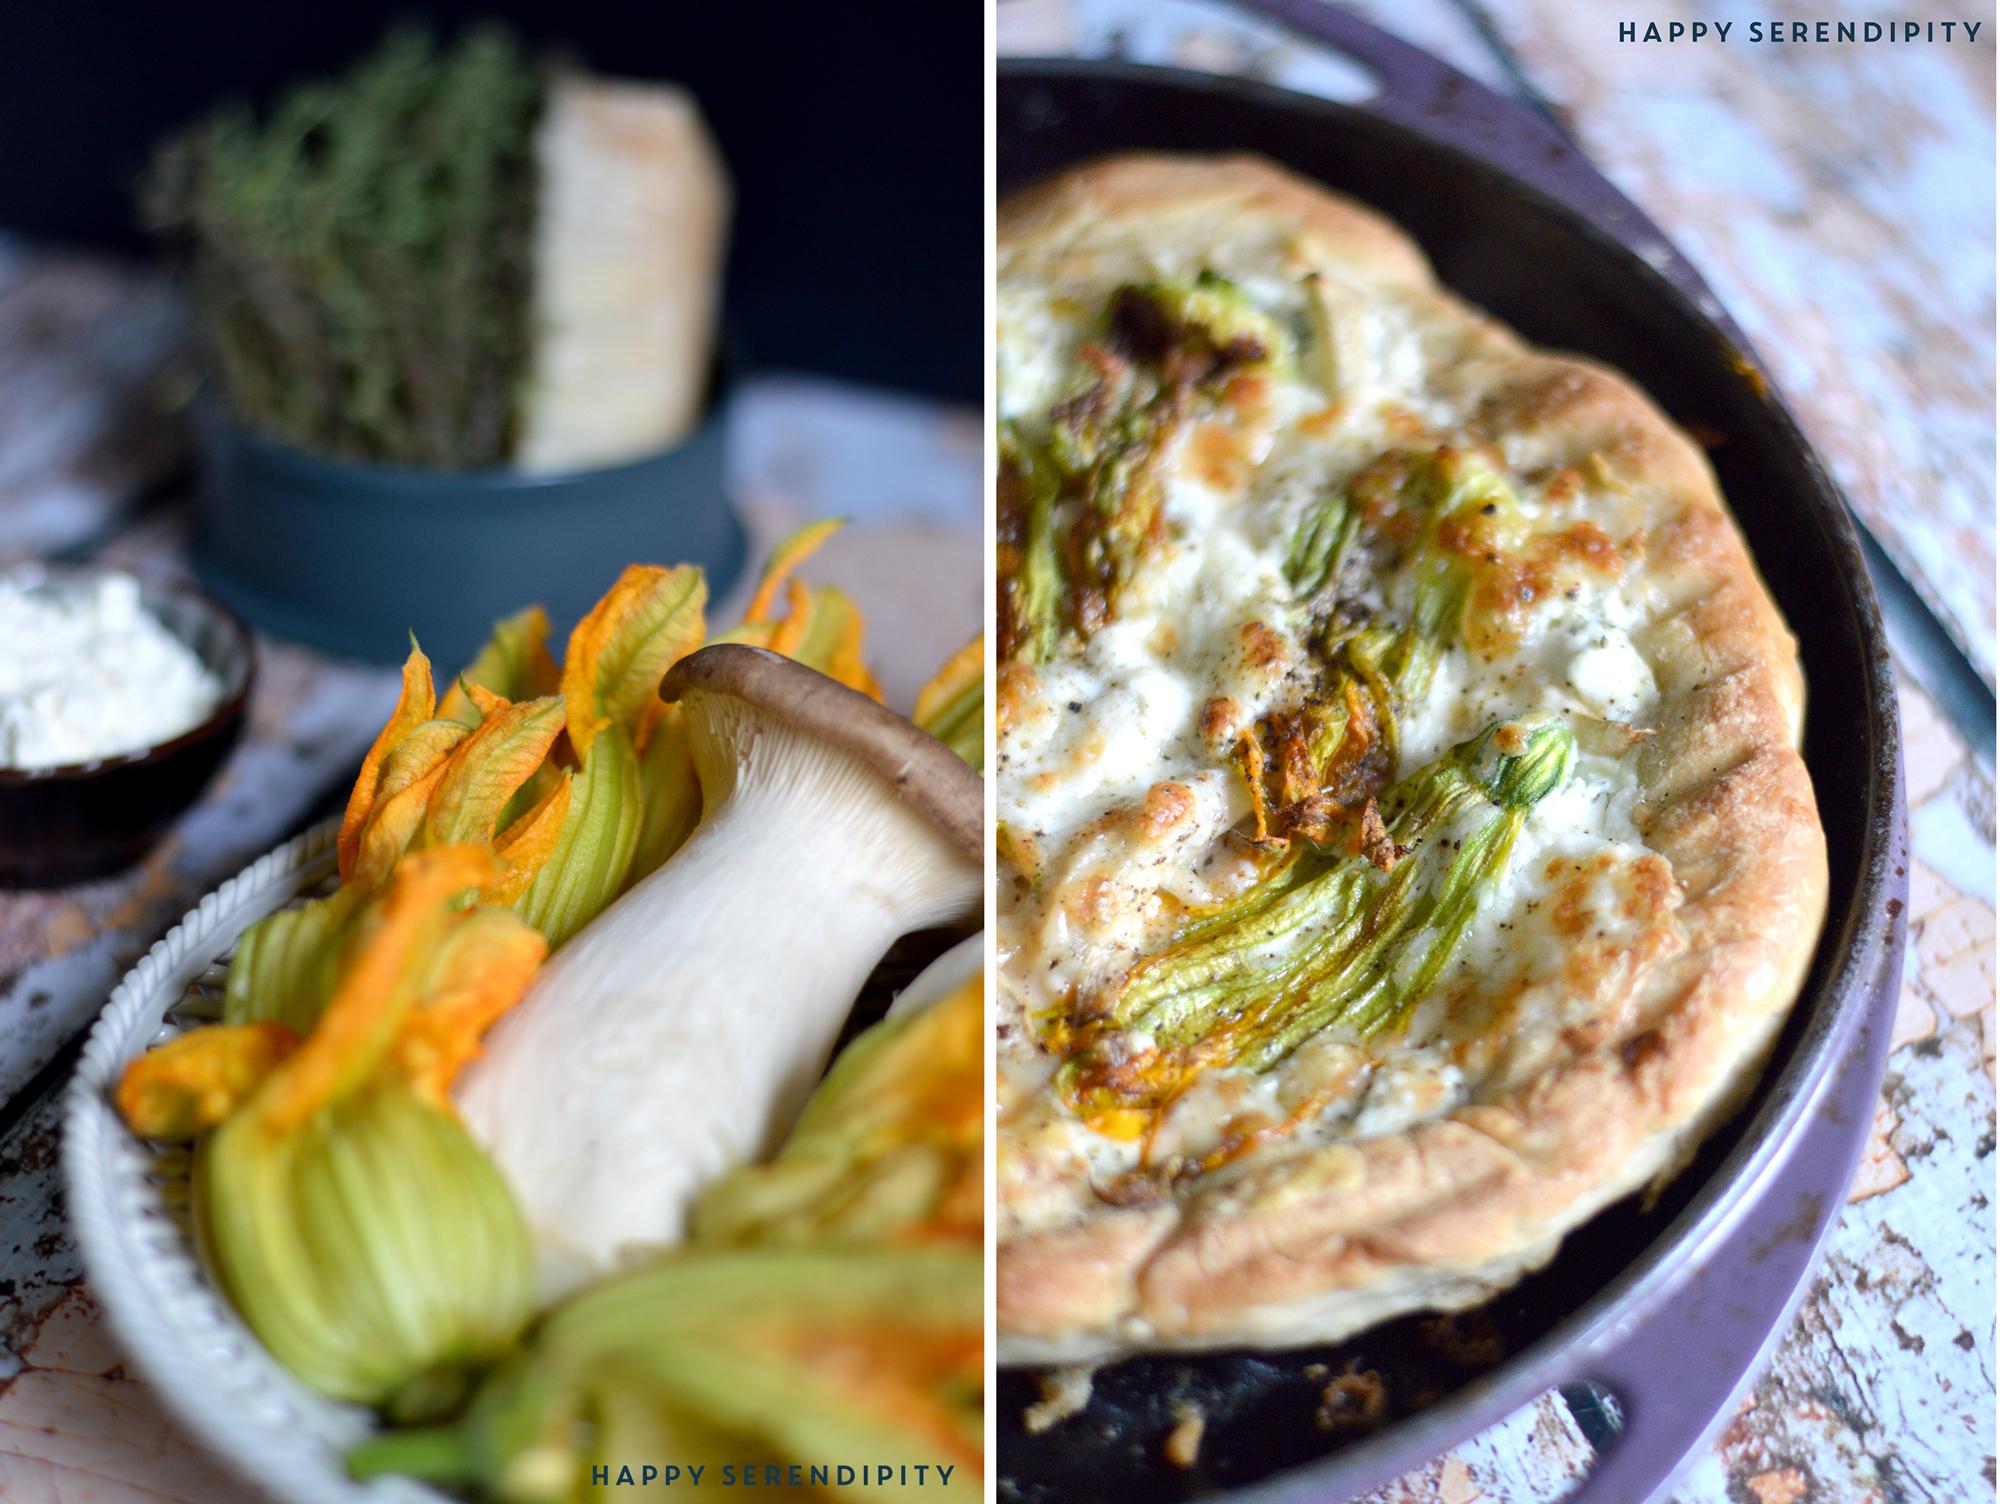 eine tarte mit zucchiniblüten, maskarpone, parmesan und kräuterseitlingen - ein köstliches rezept von happy serendipity